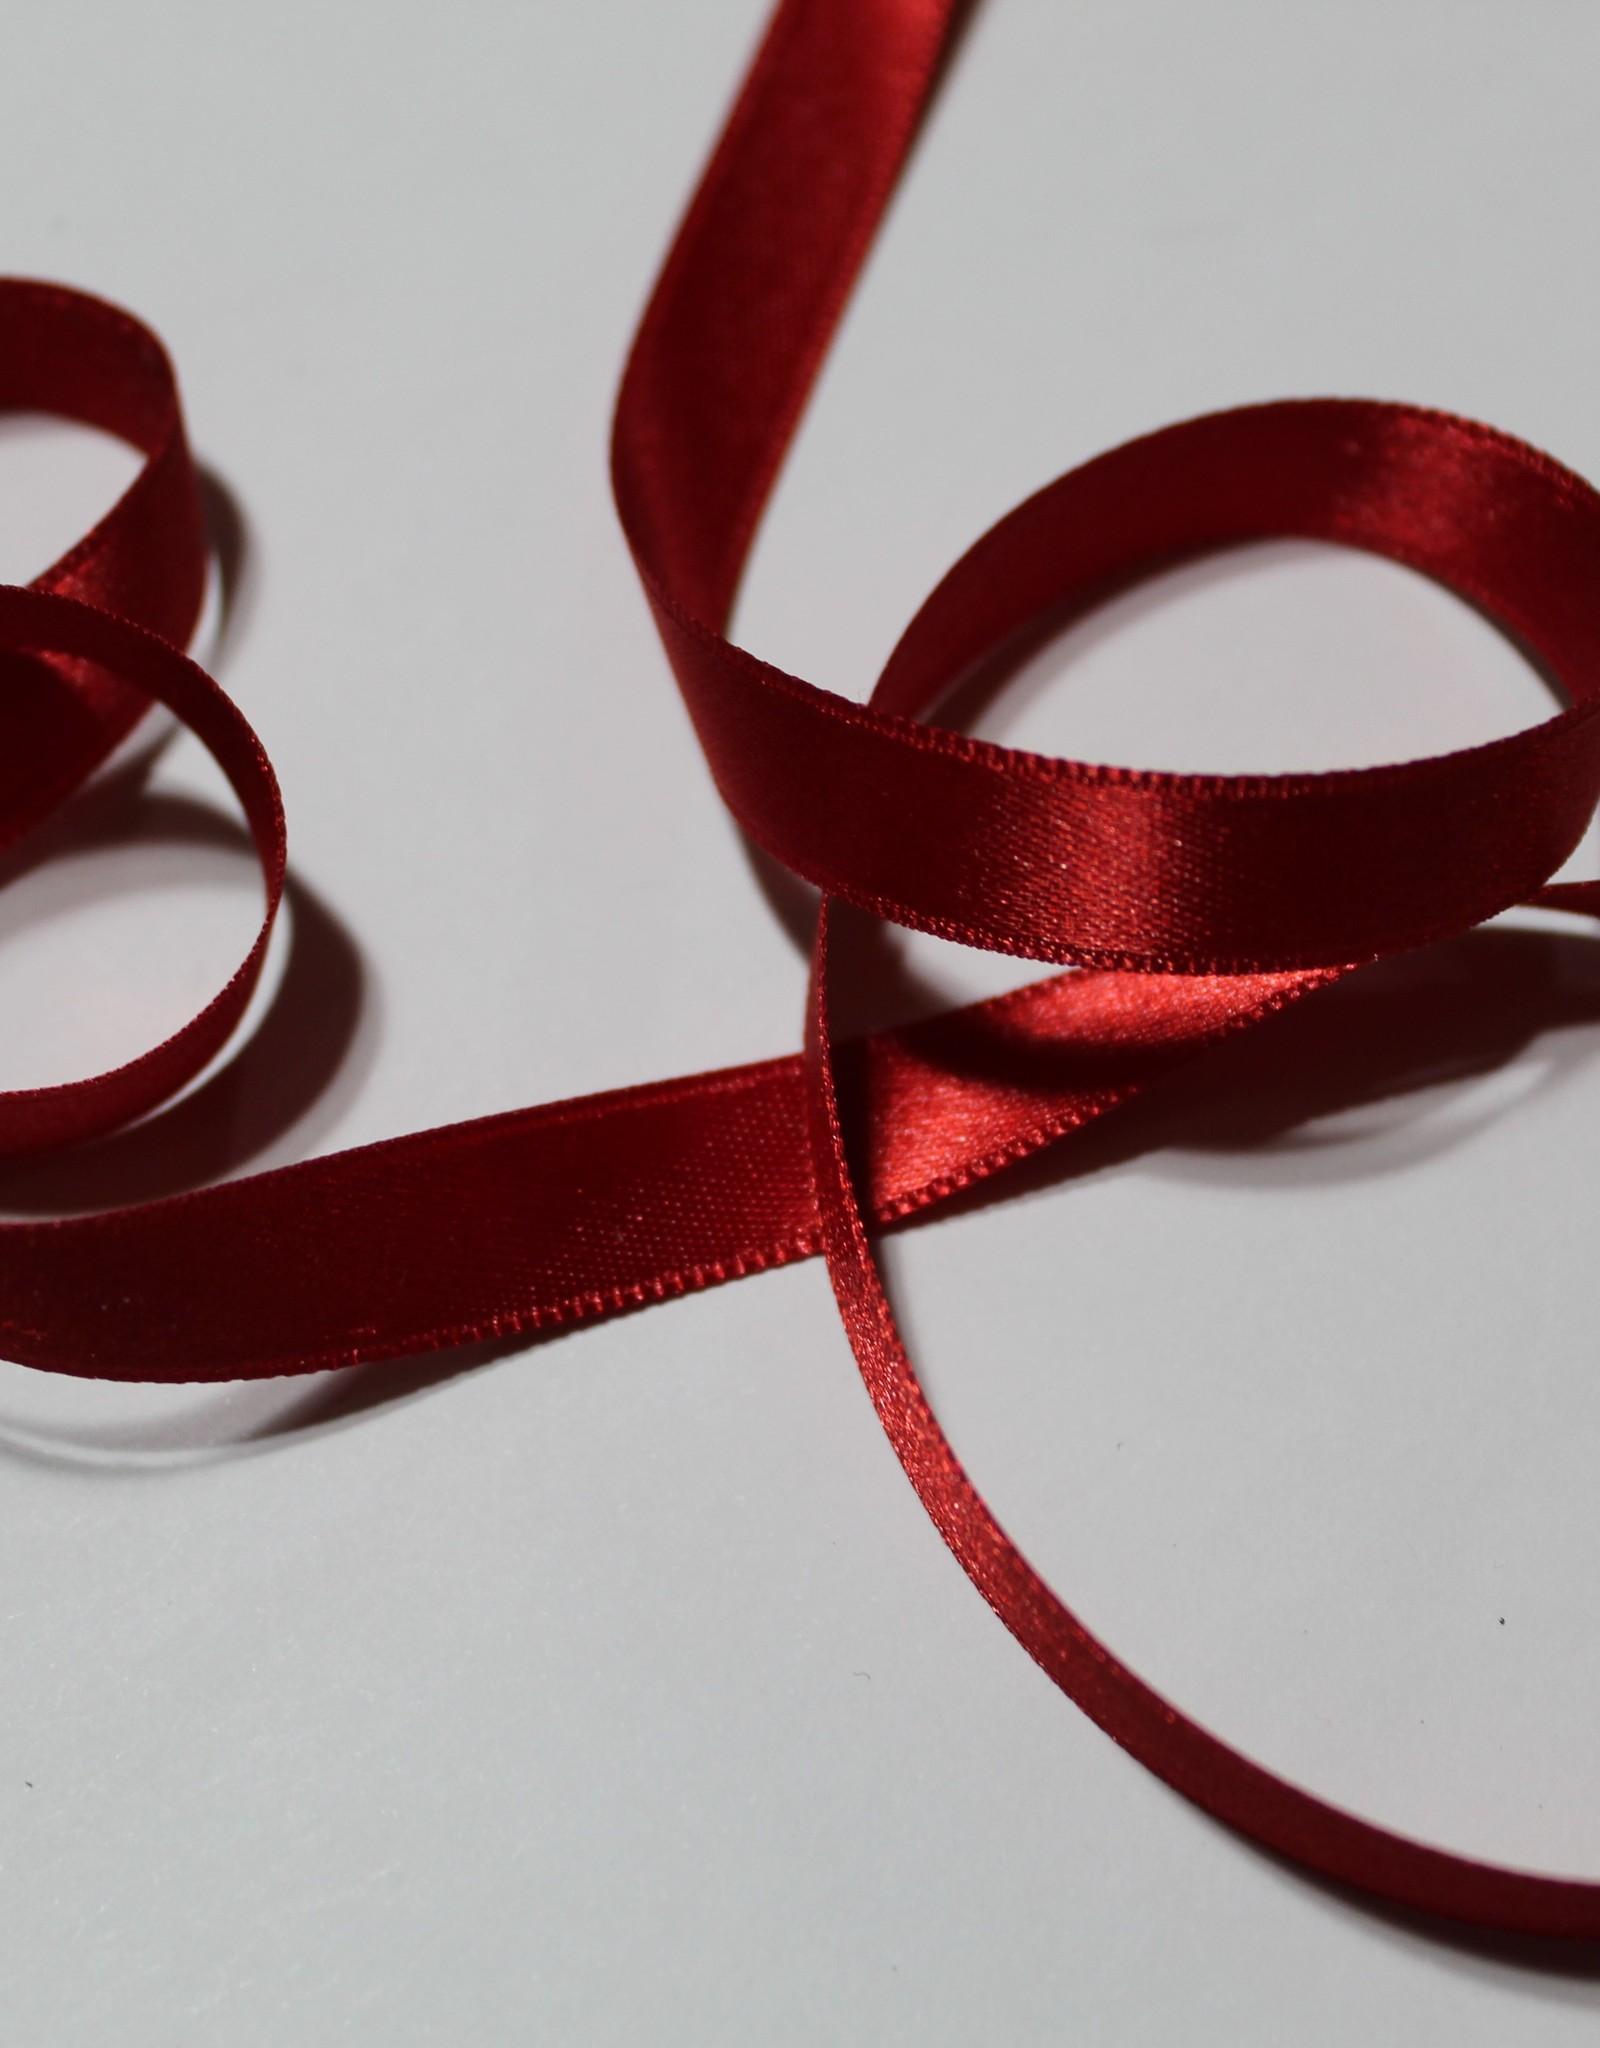 Dubbelzijdig satijnlint 10mm rood col.722